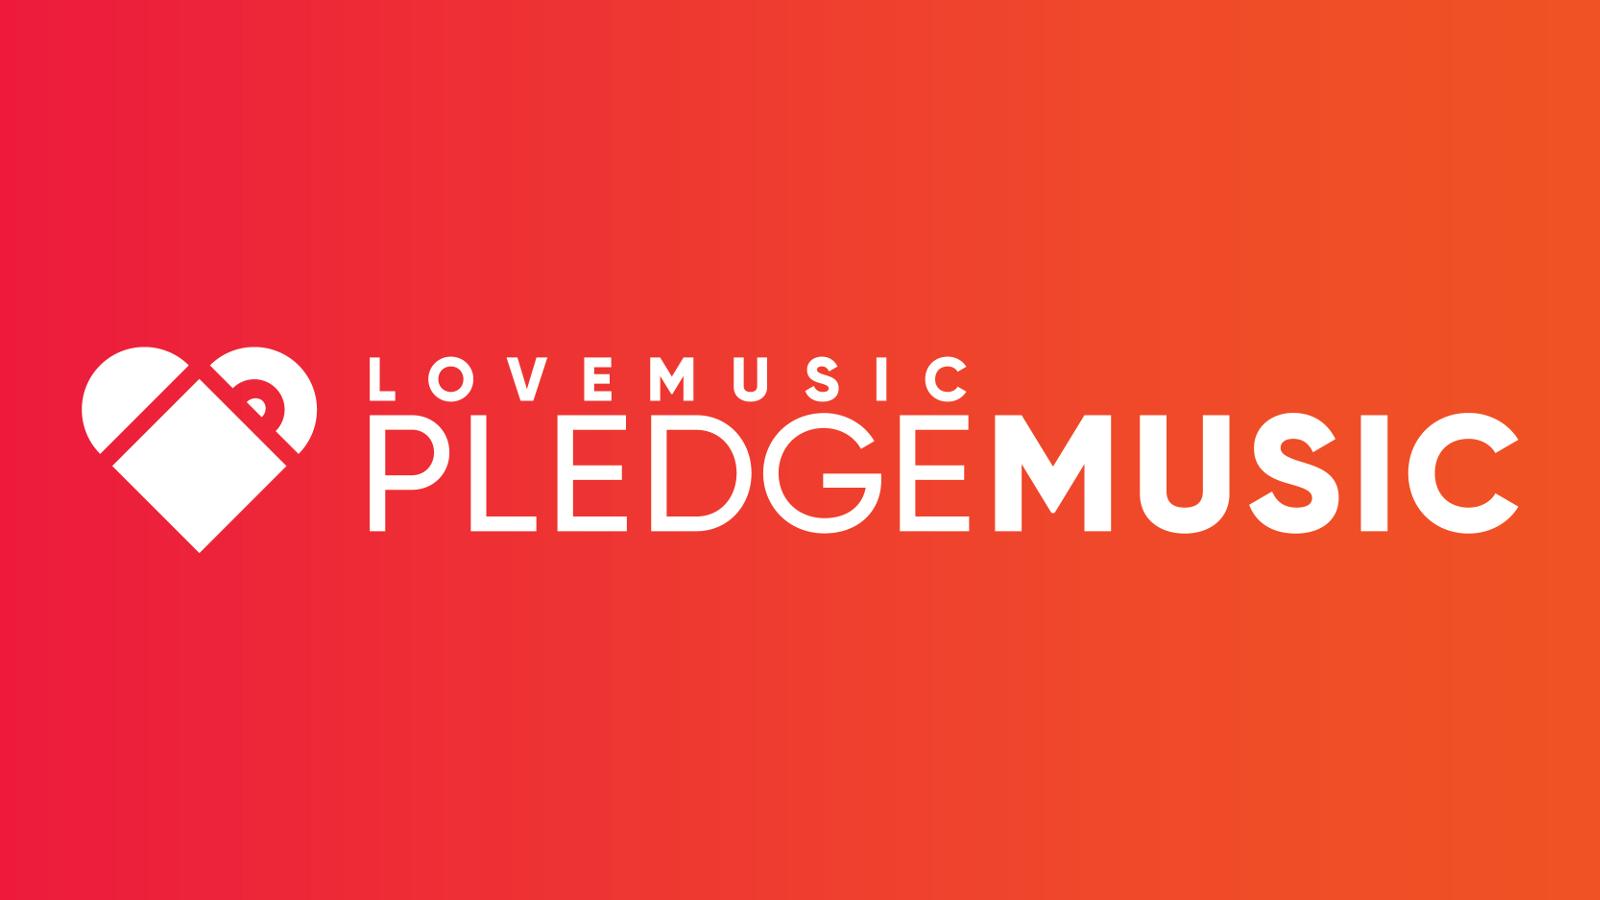 Pledge Music | Barenaked Ladies & The Persuasions